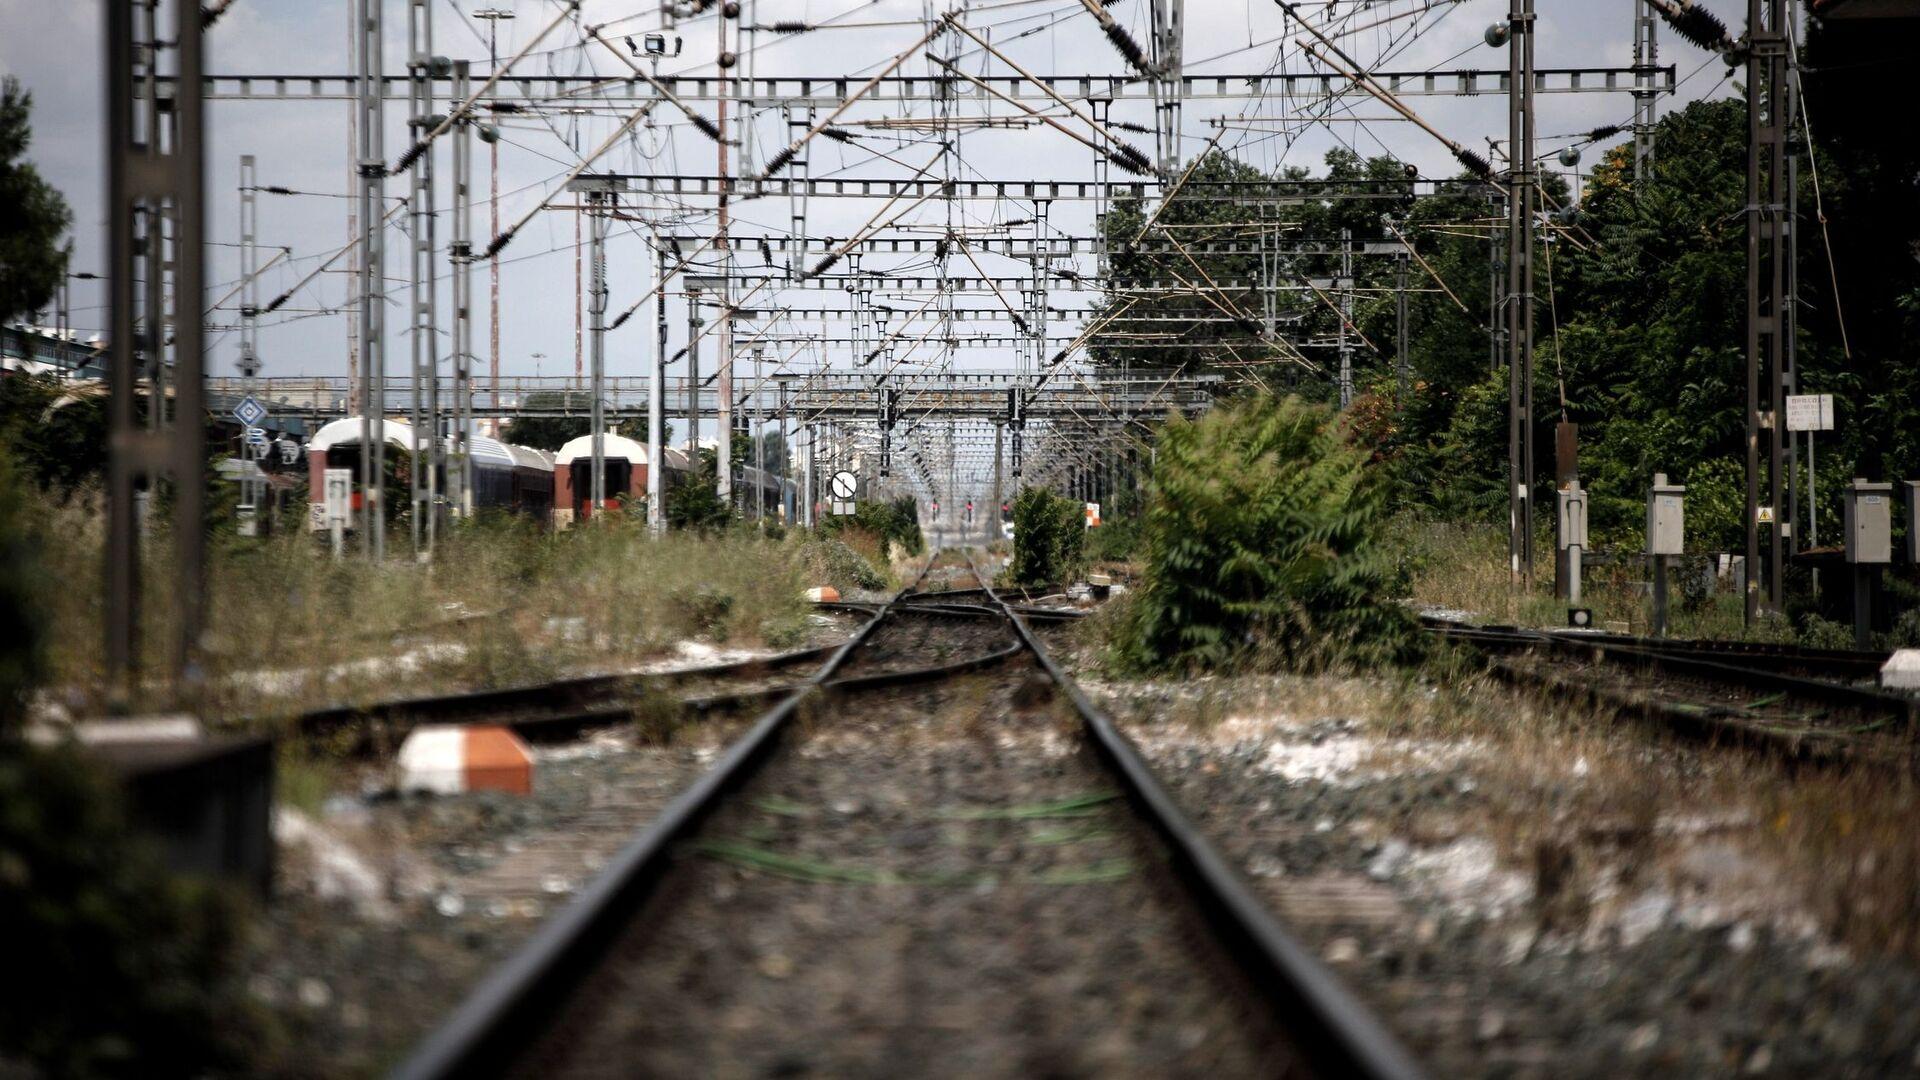 Σιδηρόδρομος.  - Sputnik Ελλάδα, 1920, 06.08.2021